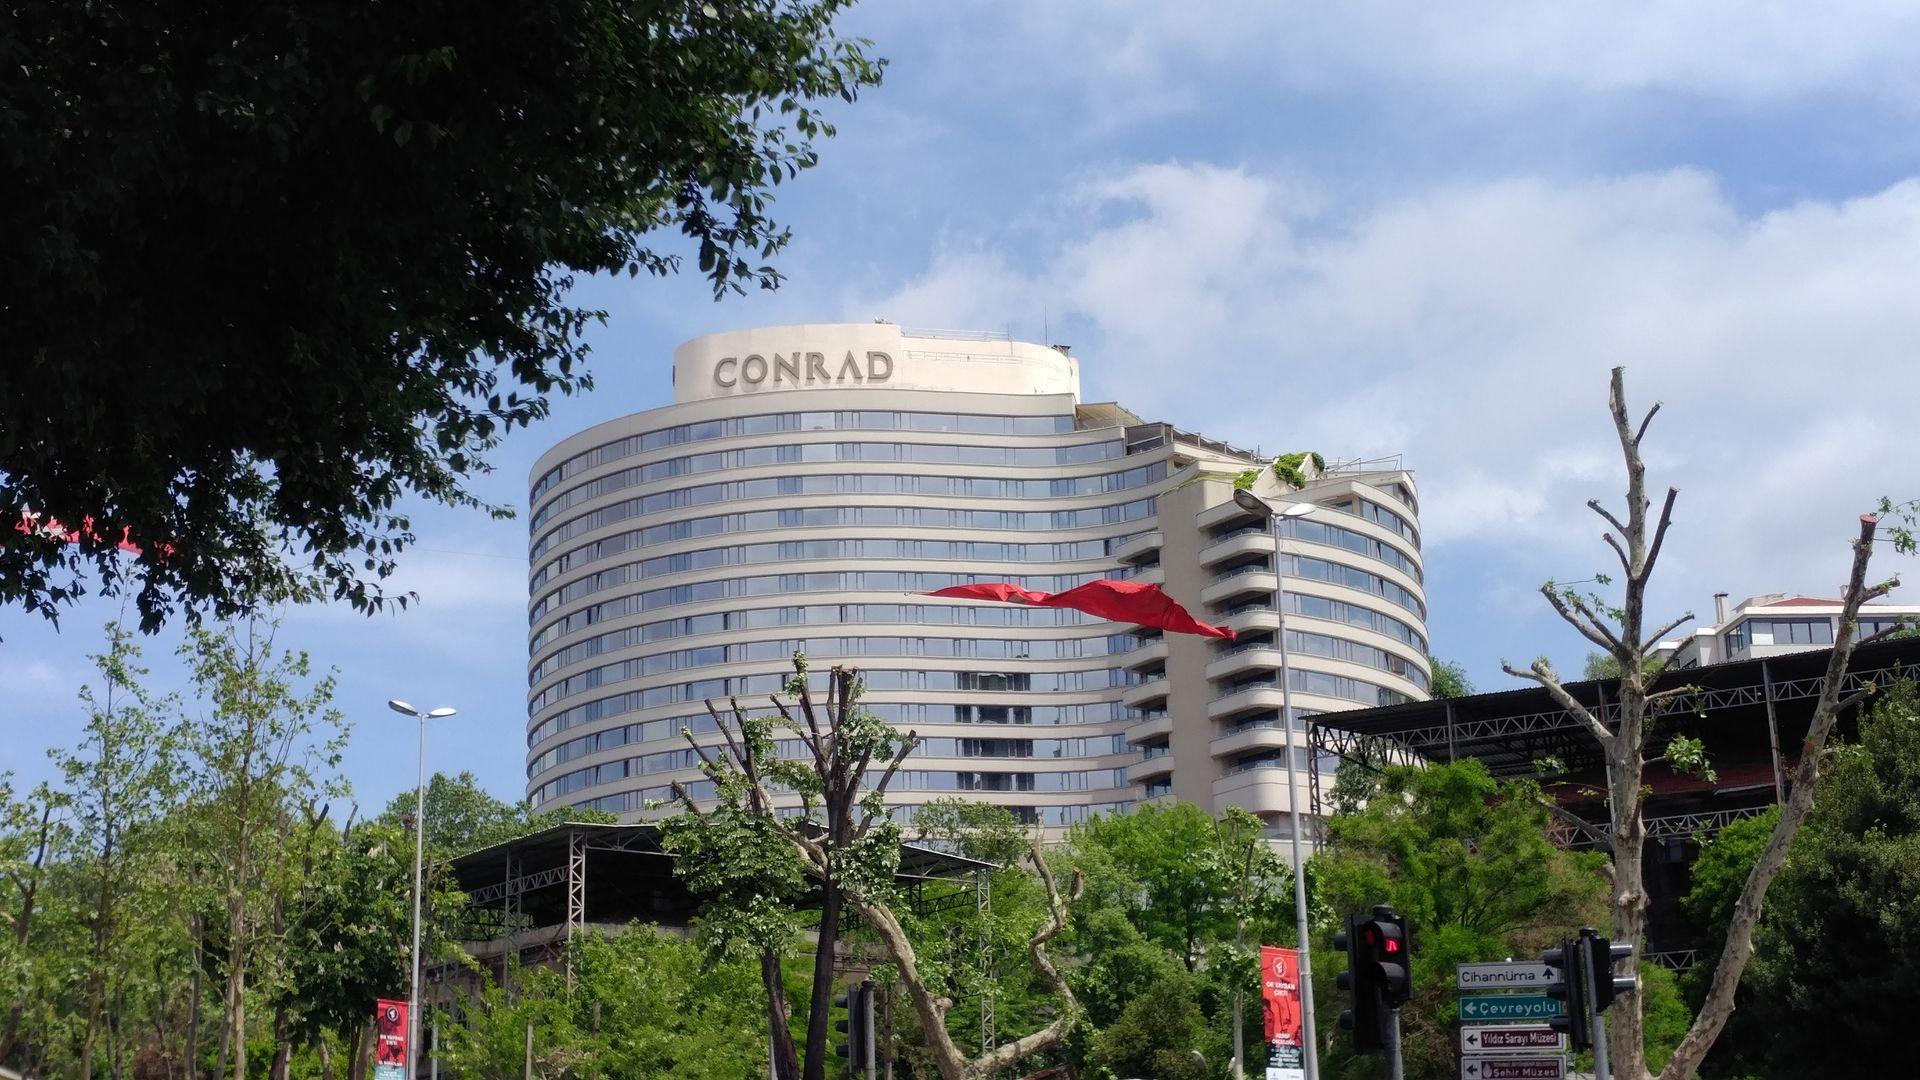 Conrad Istanbul Exterior